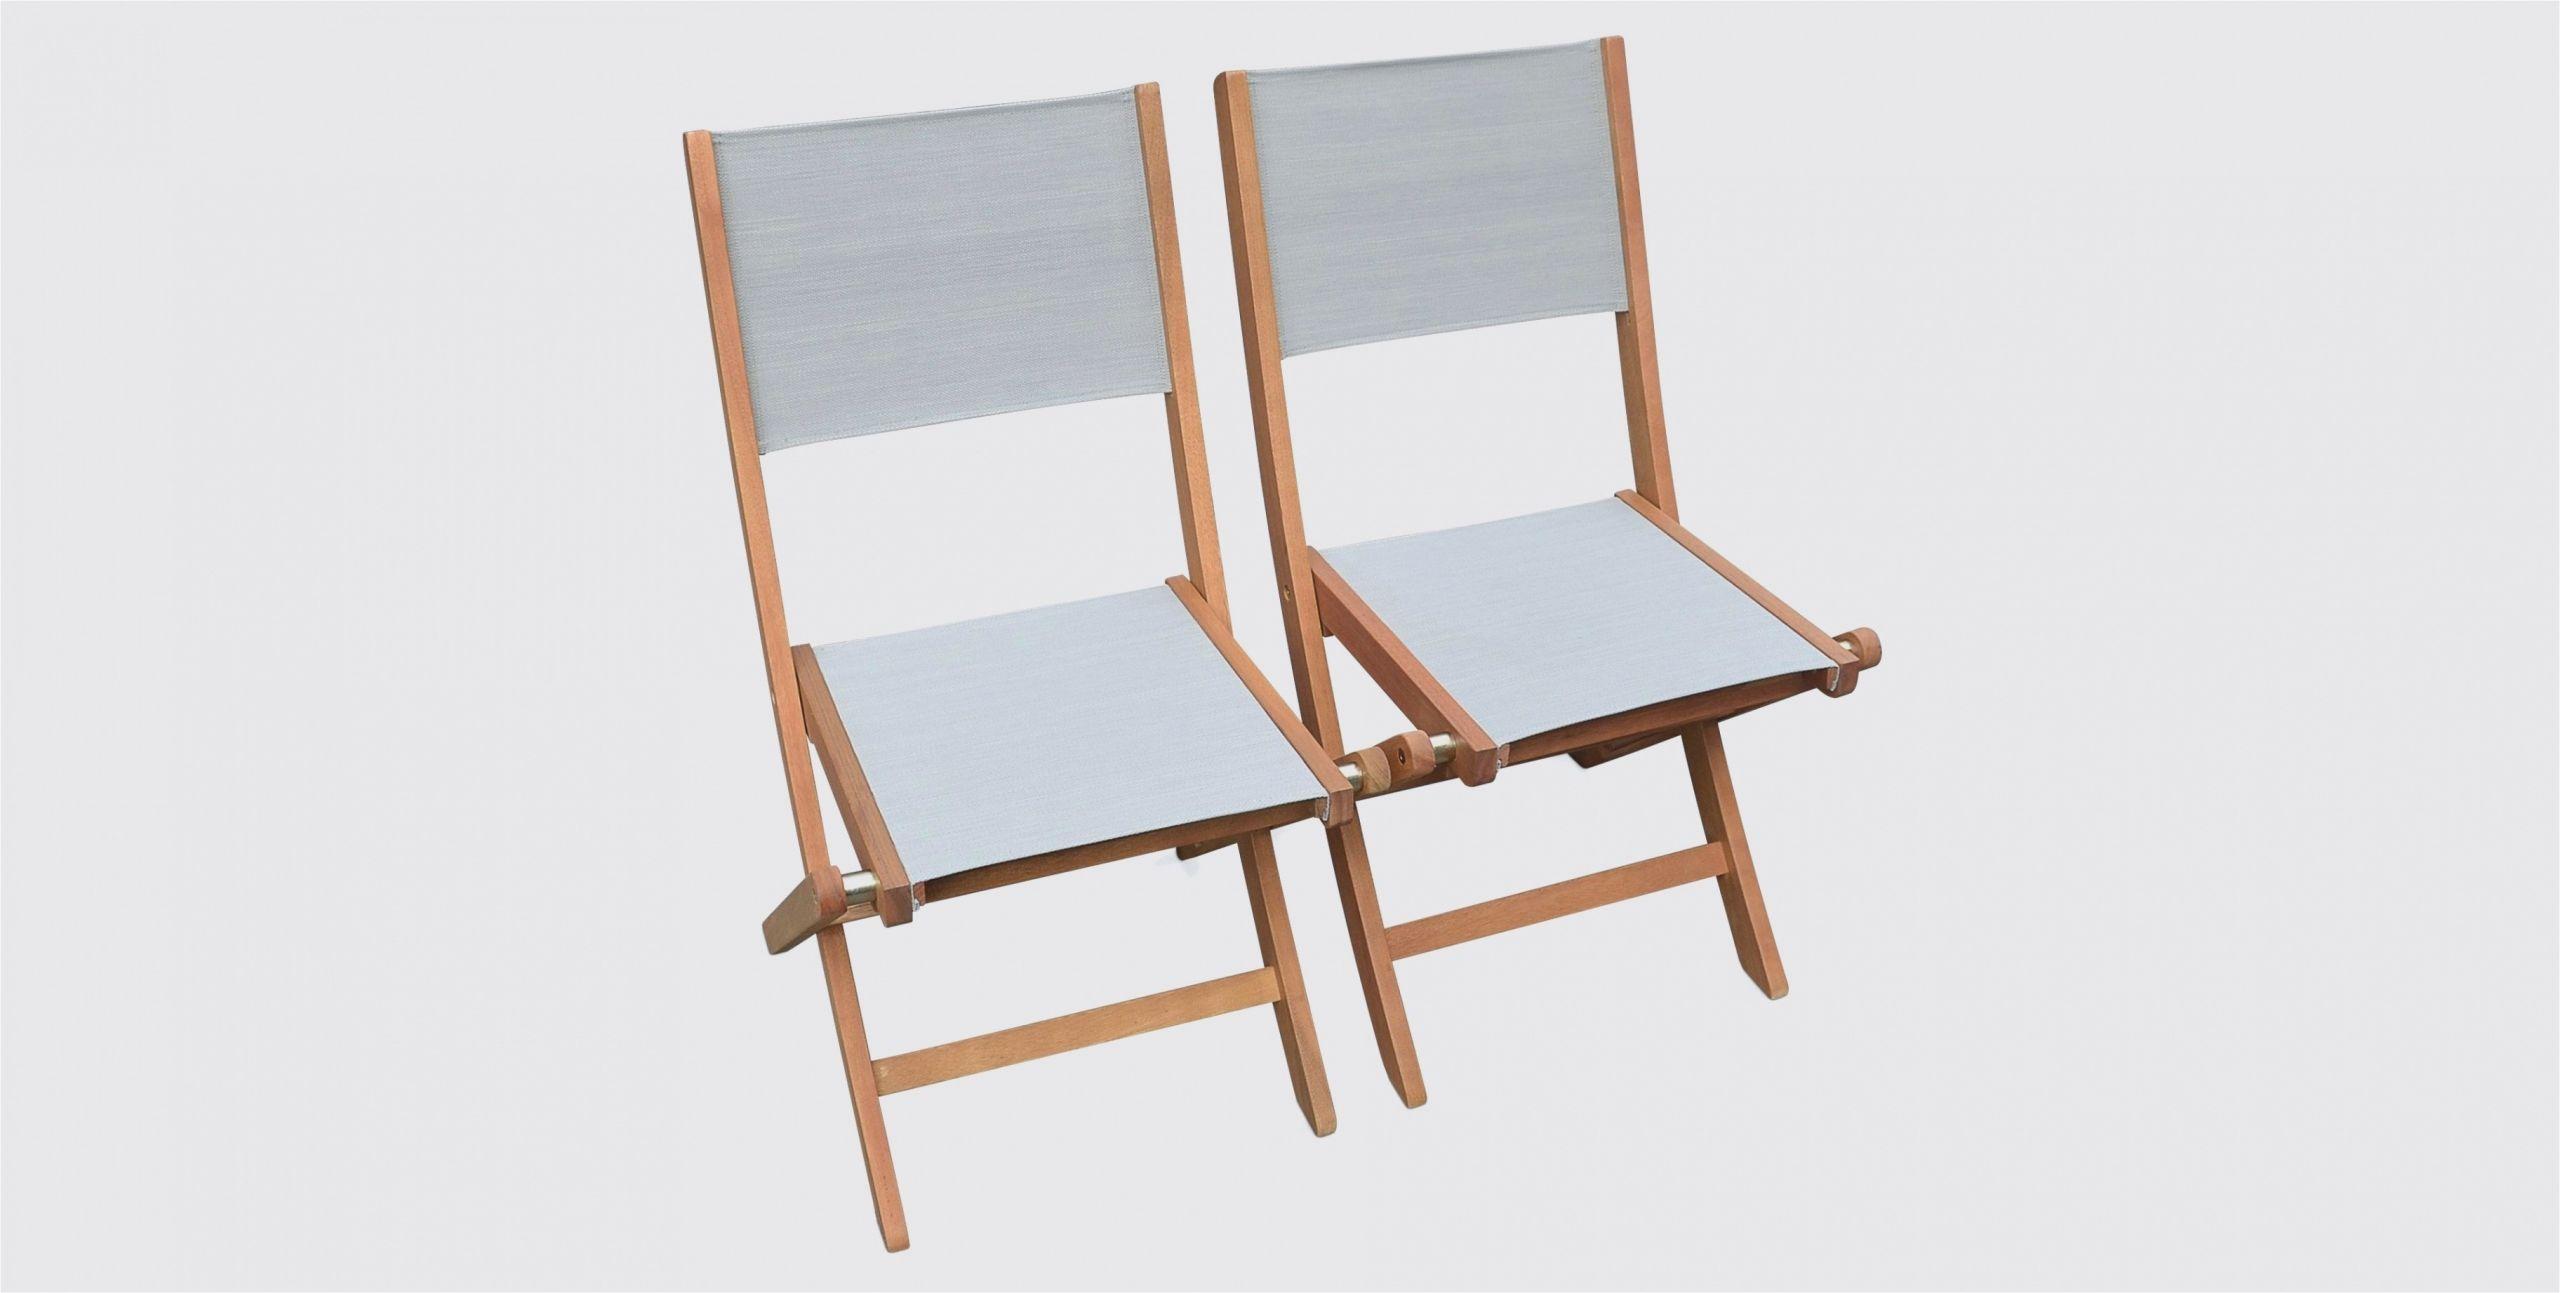 chaise longue jardin bois unique chaise longue jardin en bois castorama de chaise longue jardin bois scaled